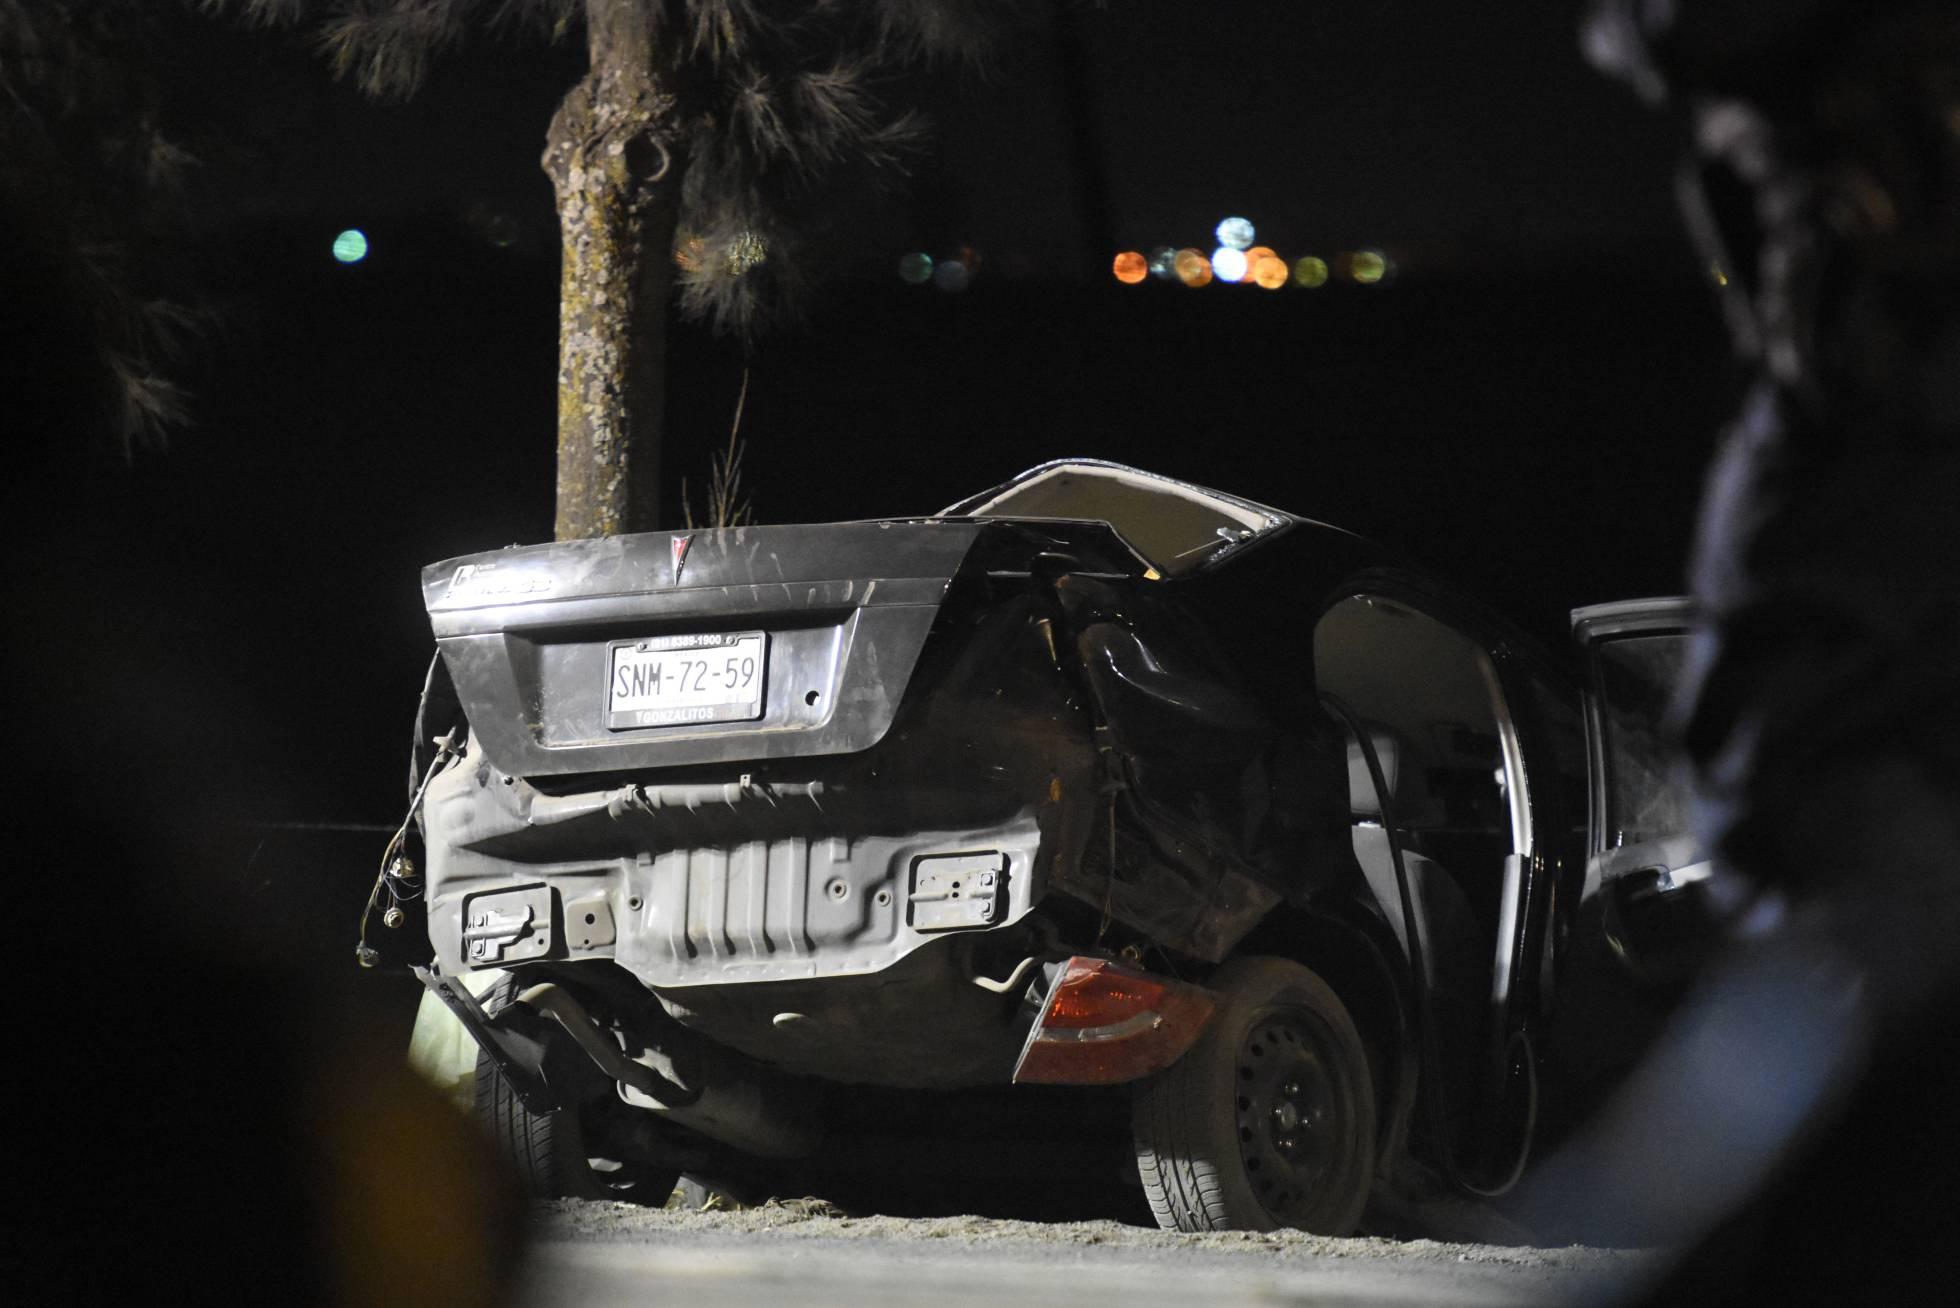 Cinco menores mueren en un accidente de coche conducido por un niño de 12 años en México